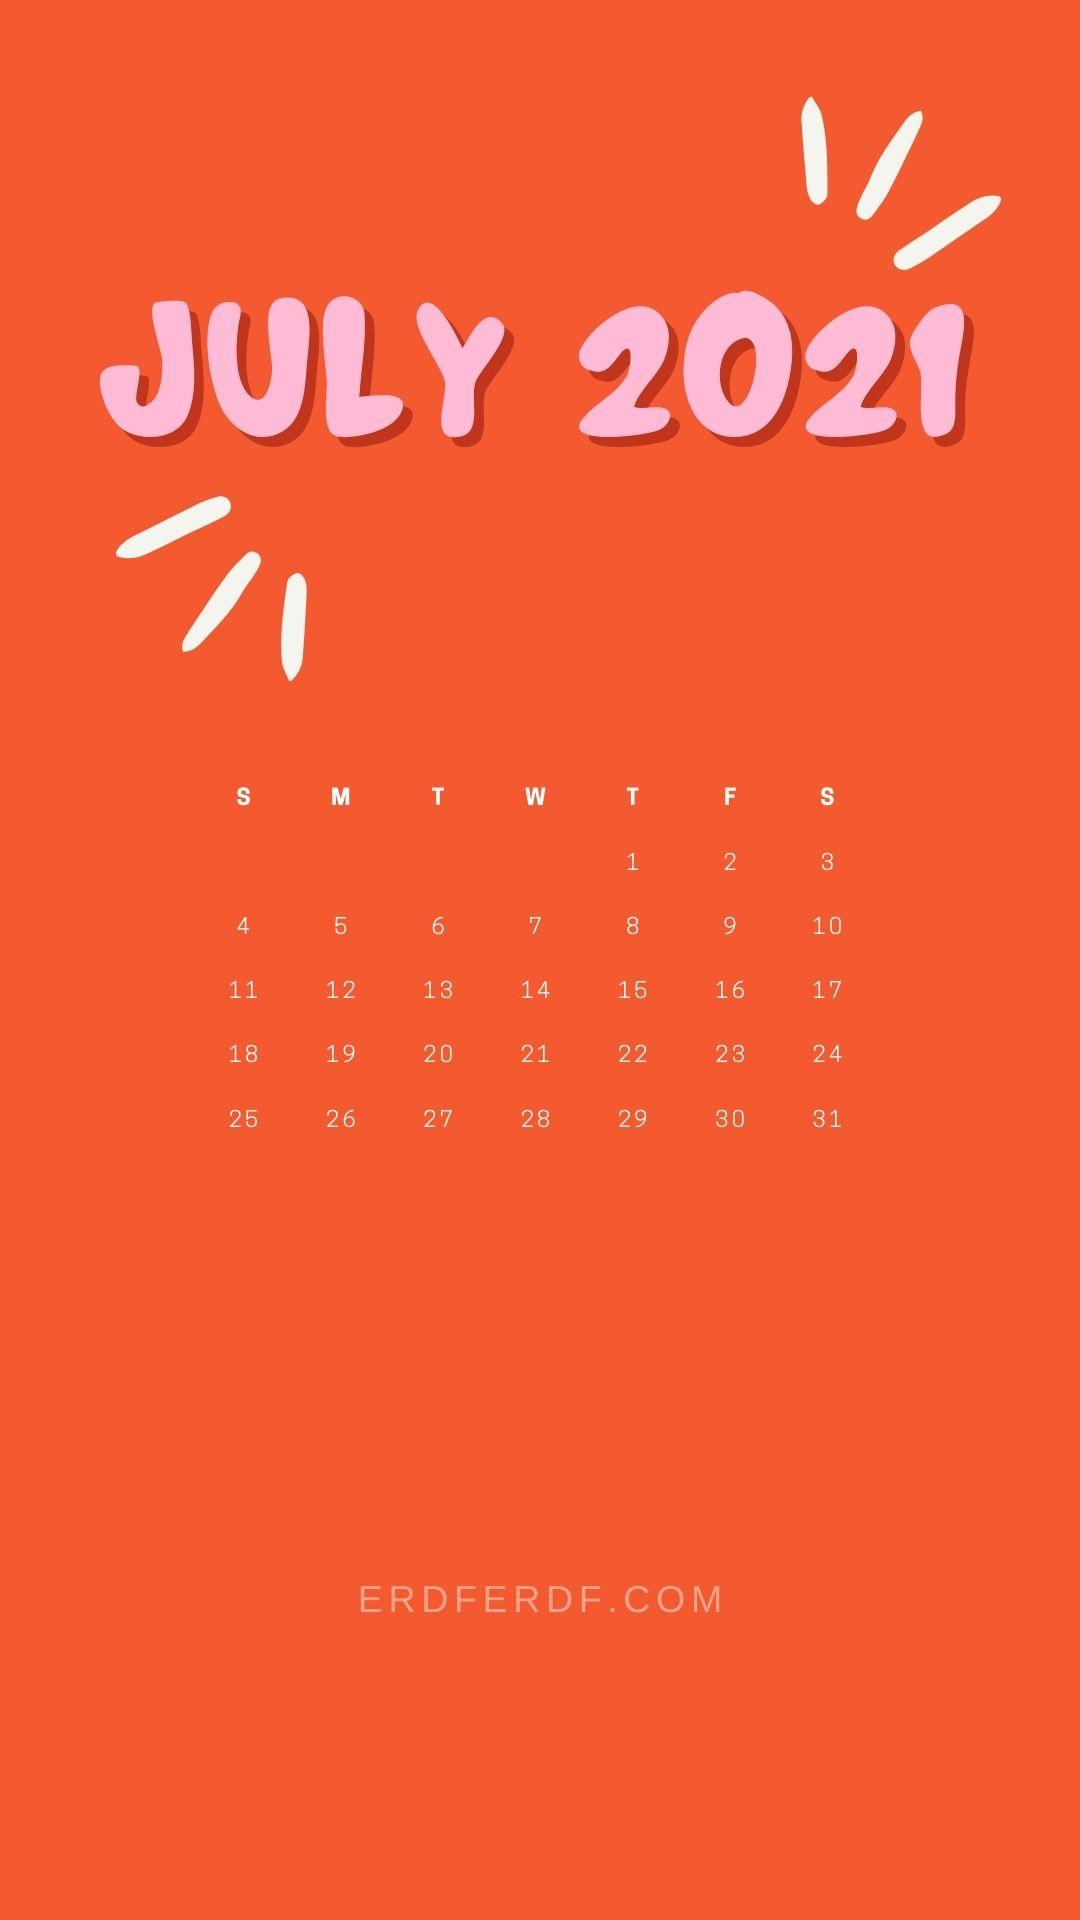 2 July 2021 Callendar Wallpaper Iphone